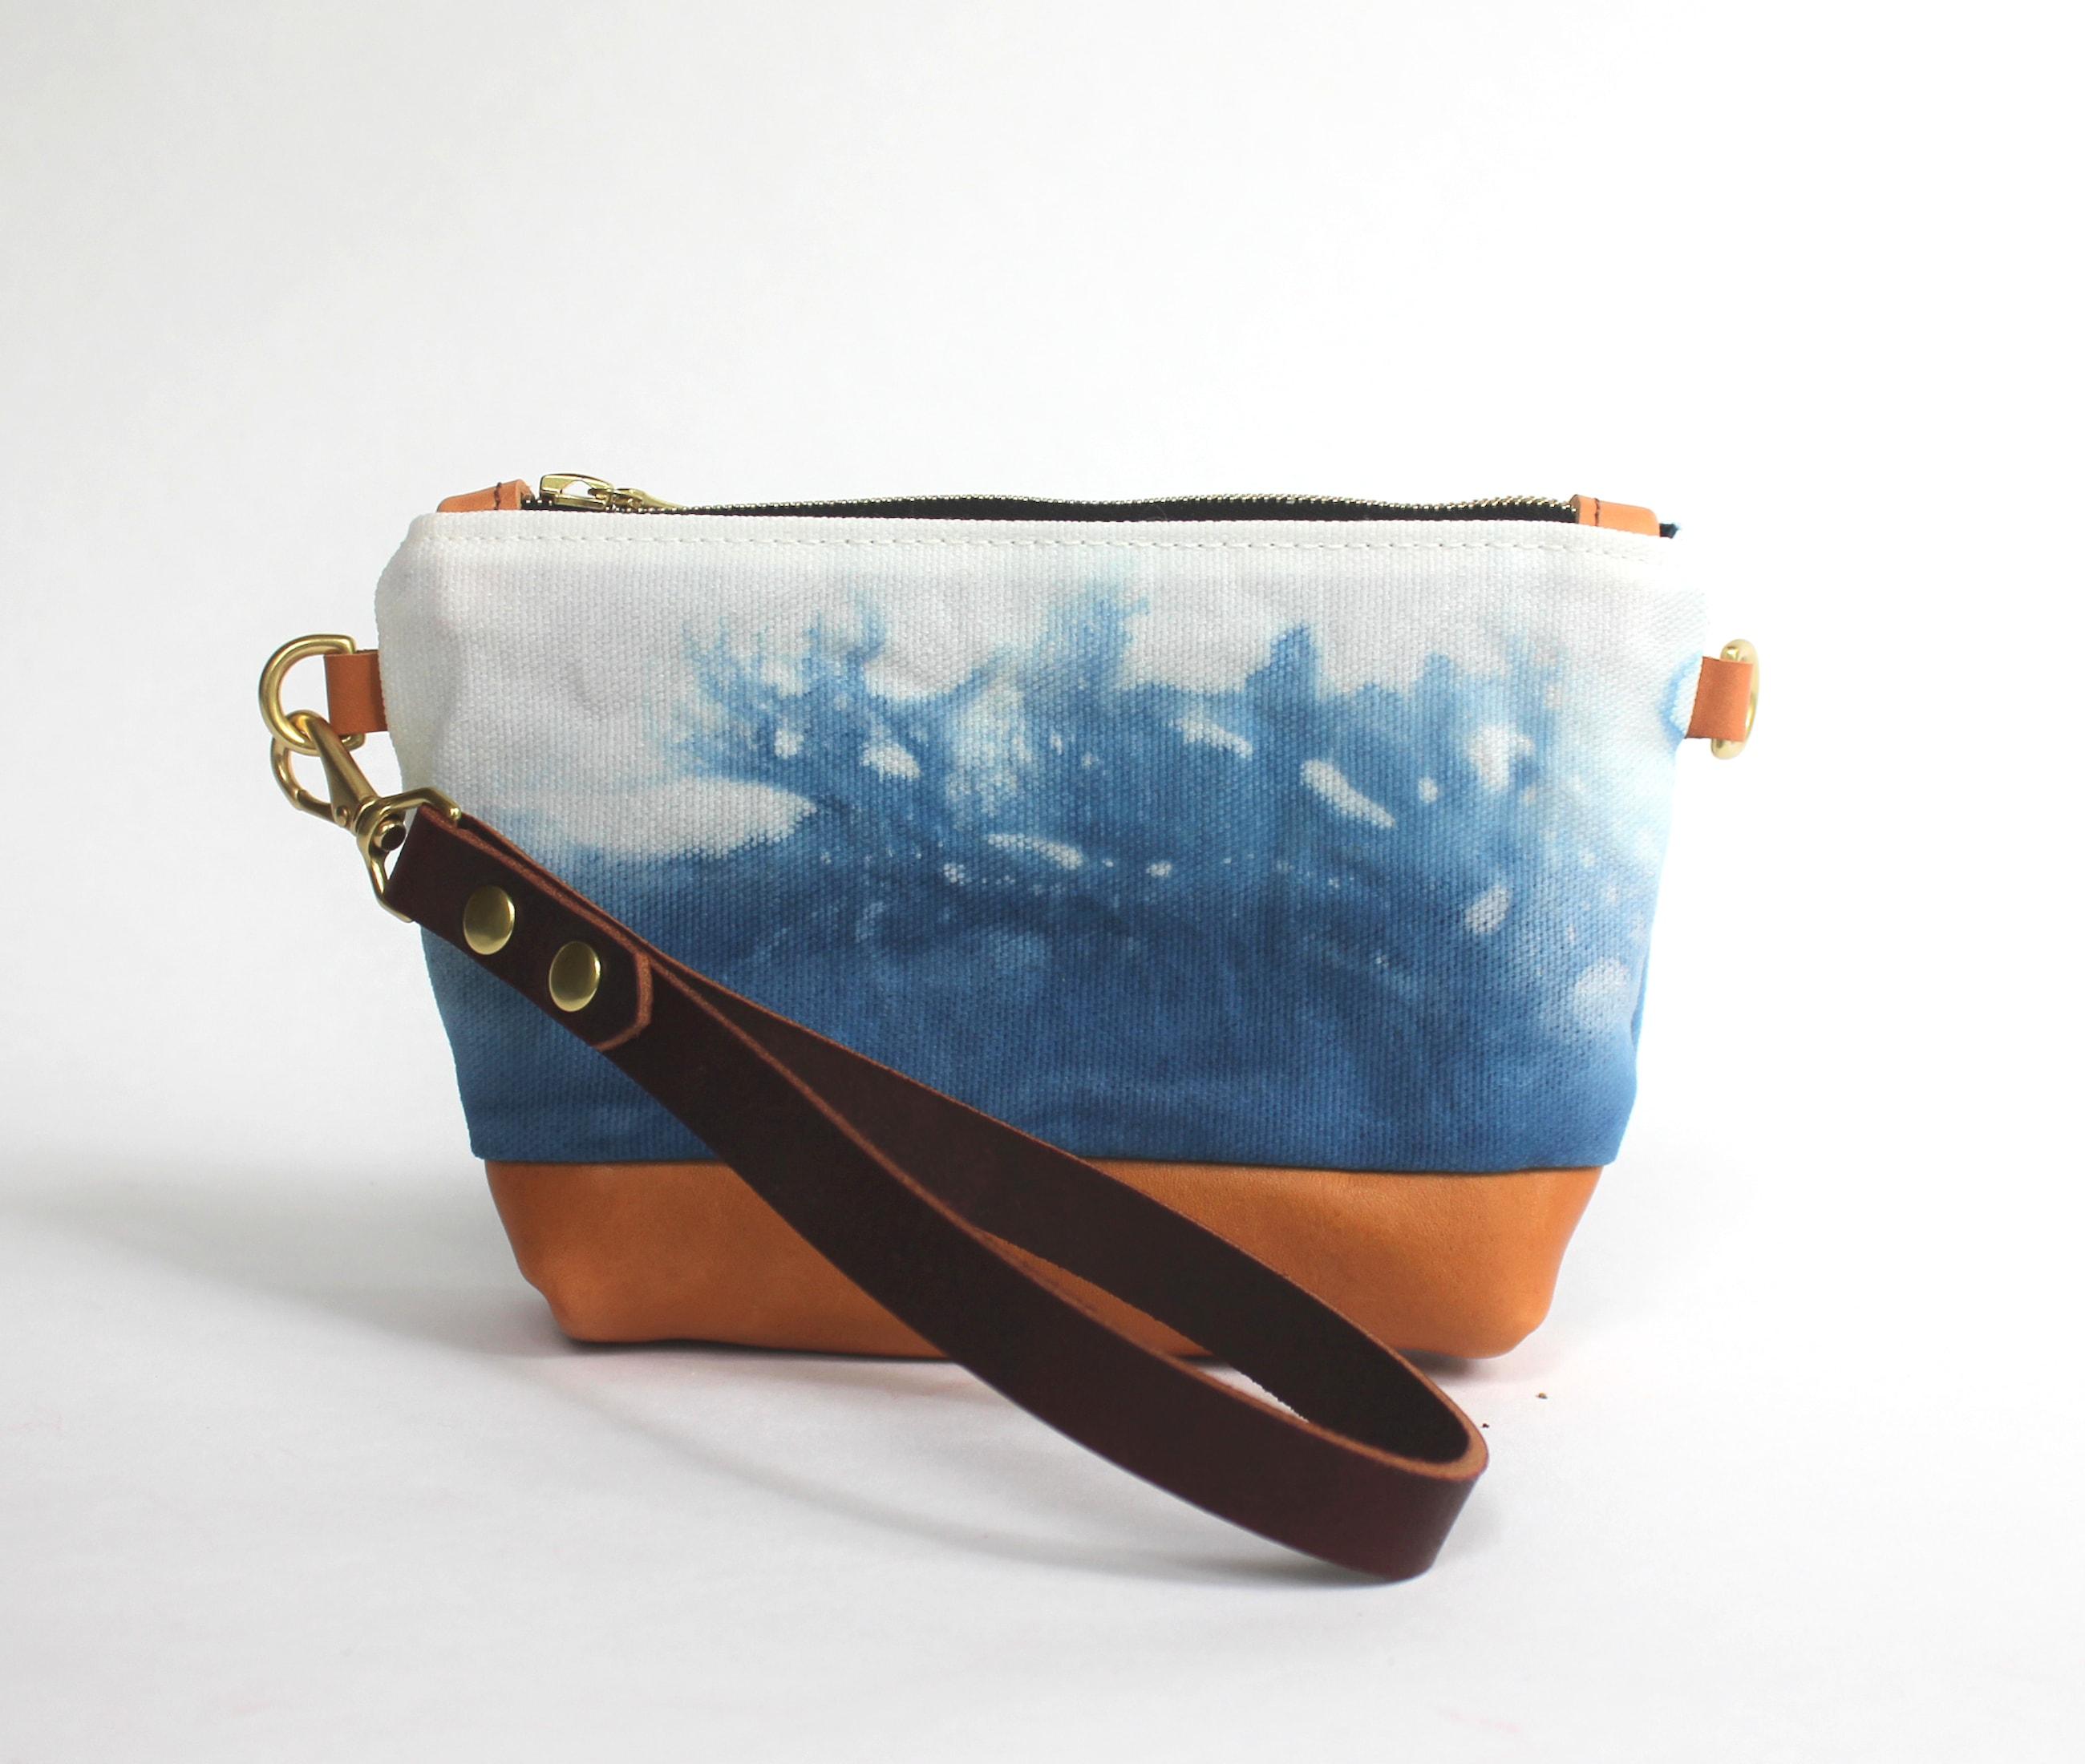 Clutch indigo cloud lisaro leather by Azellaz